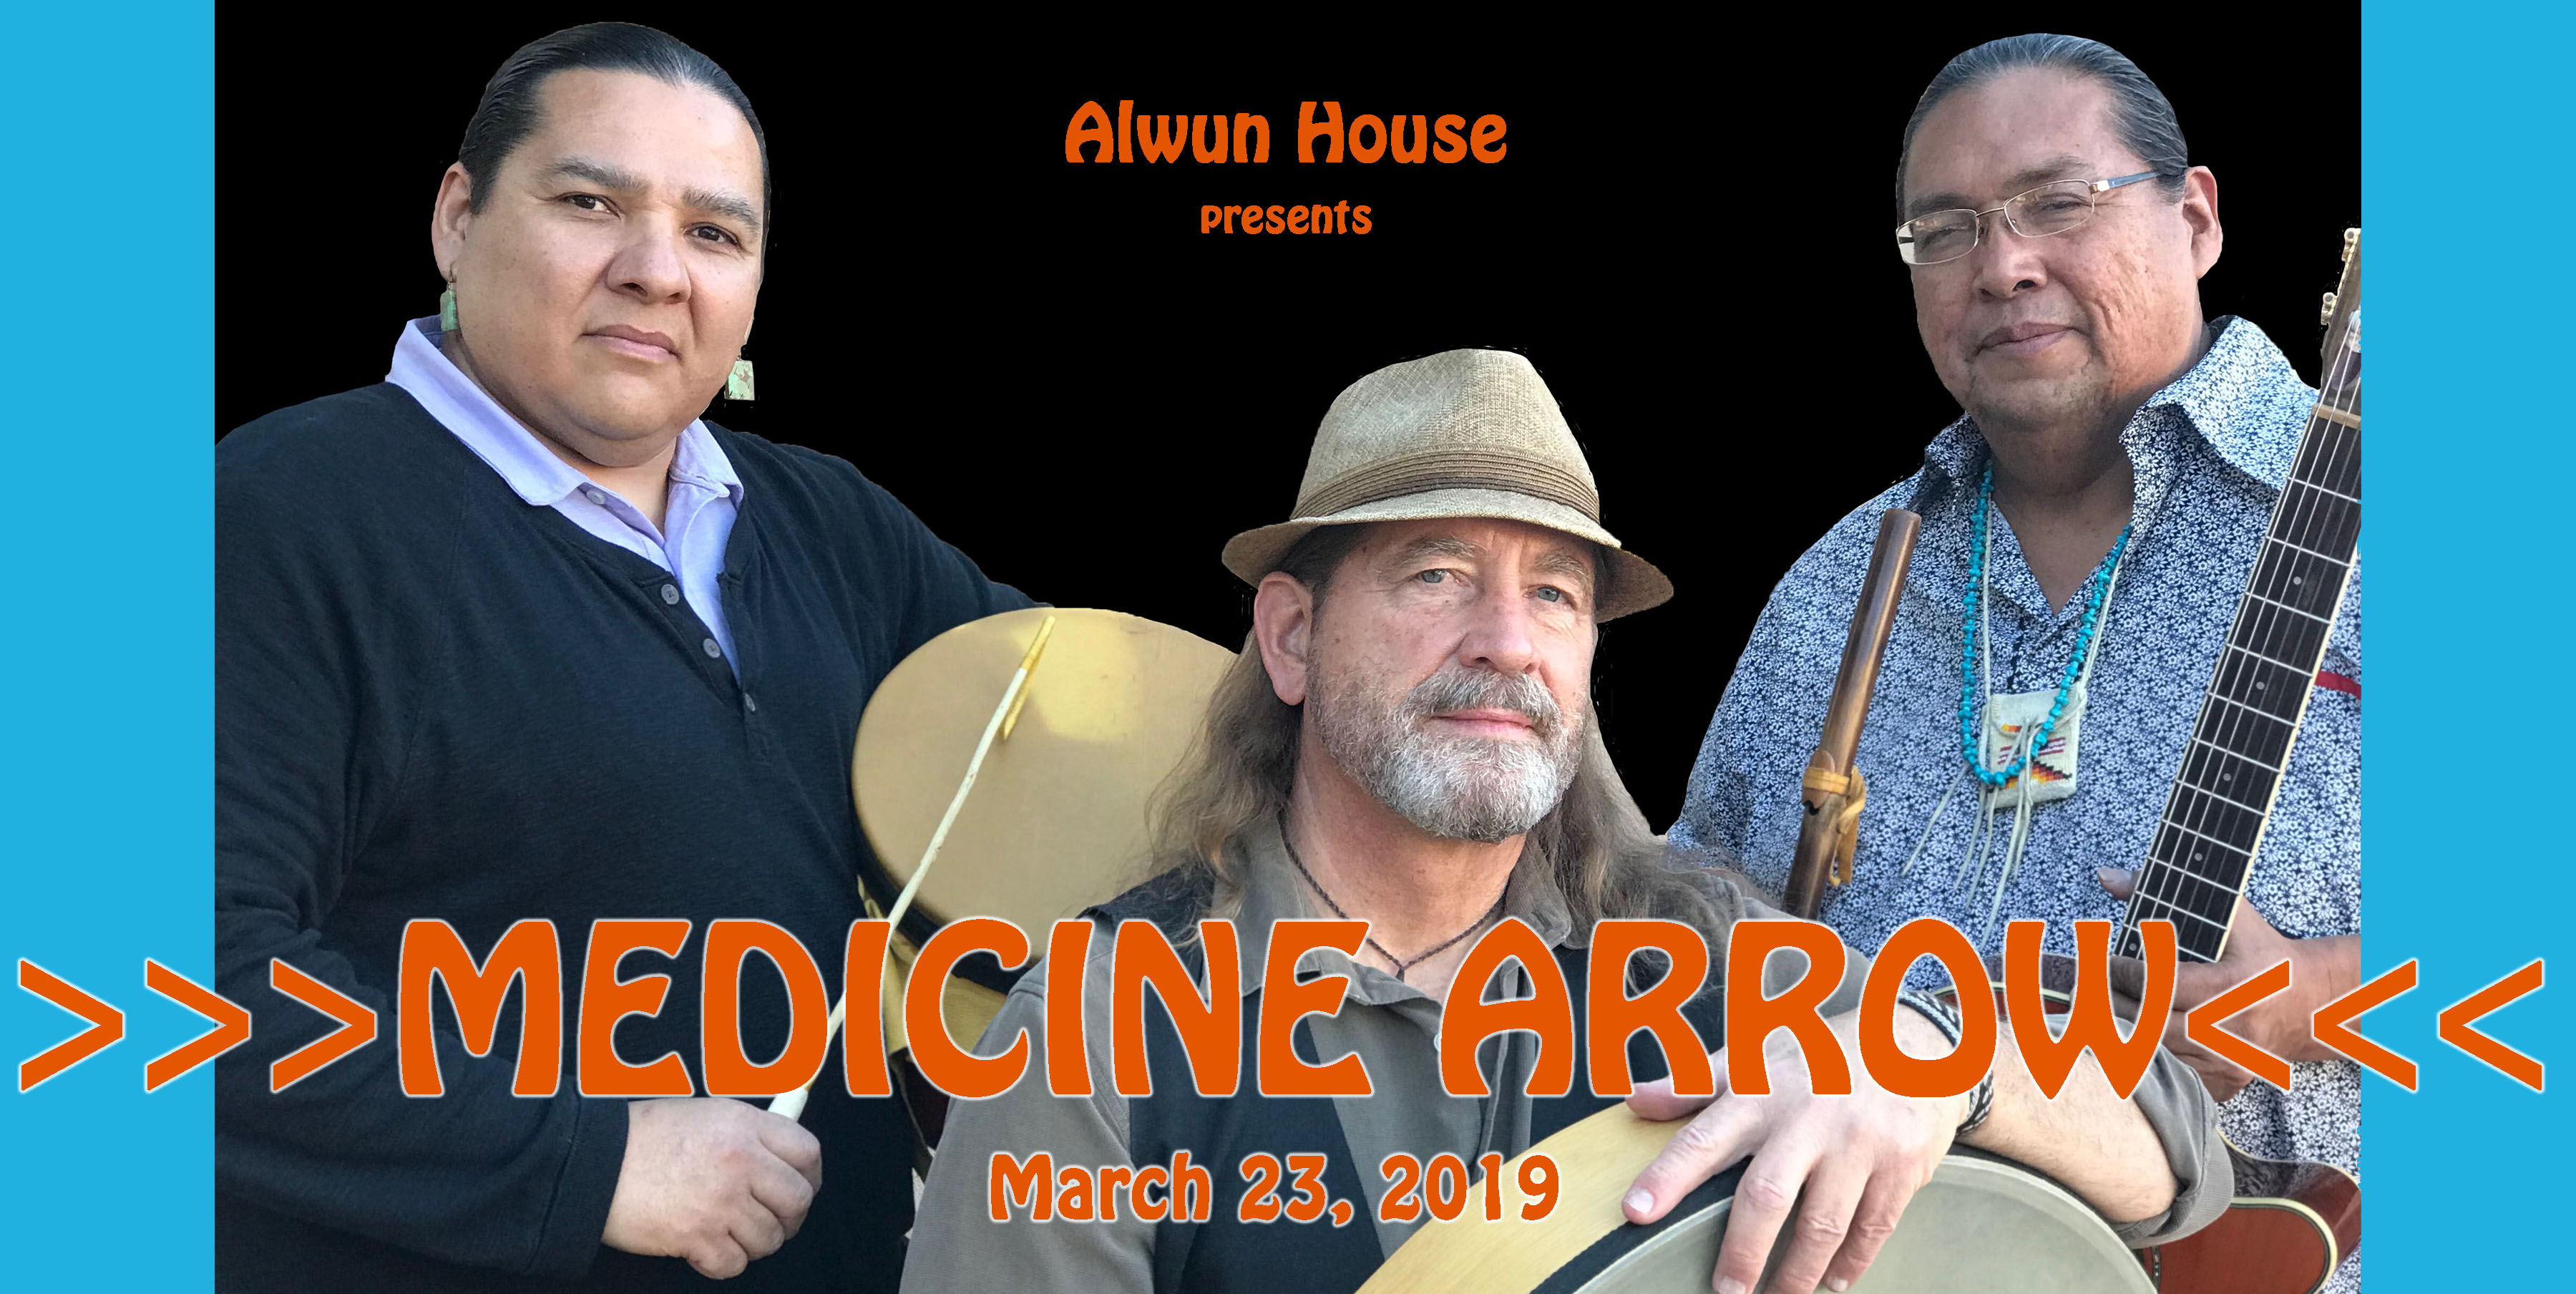 Medicinarrow EVB image